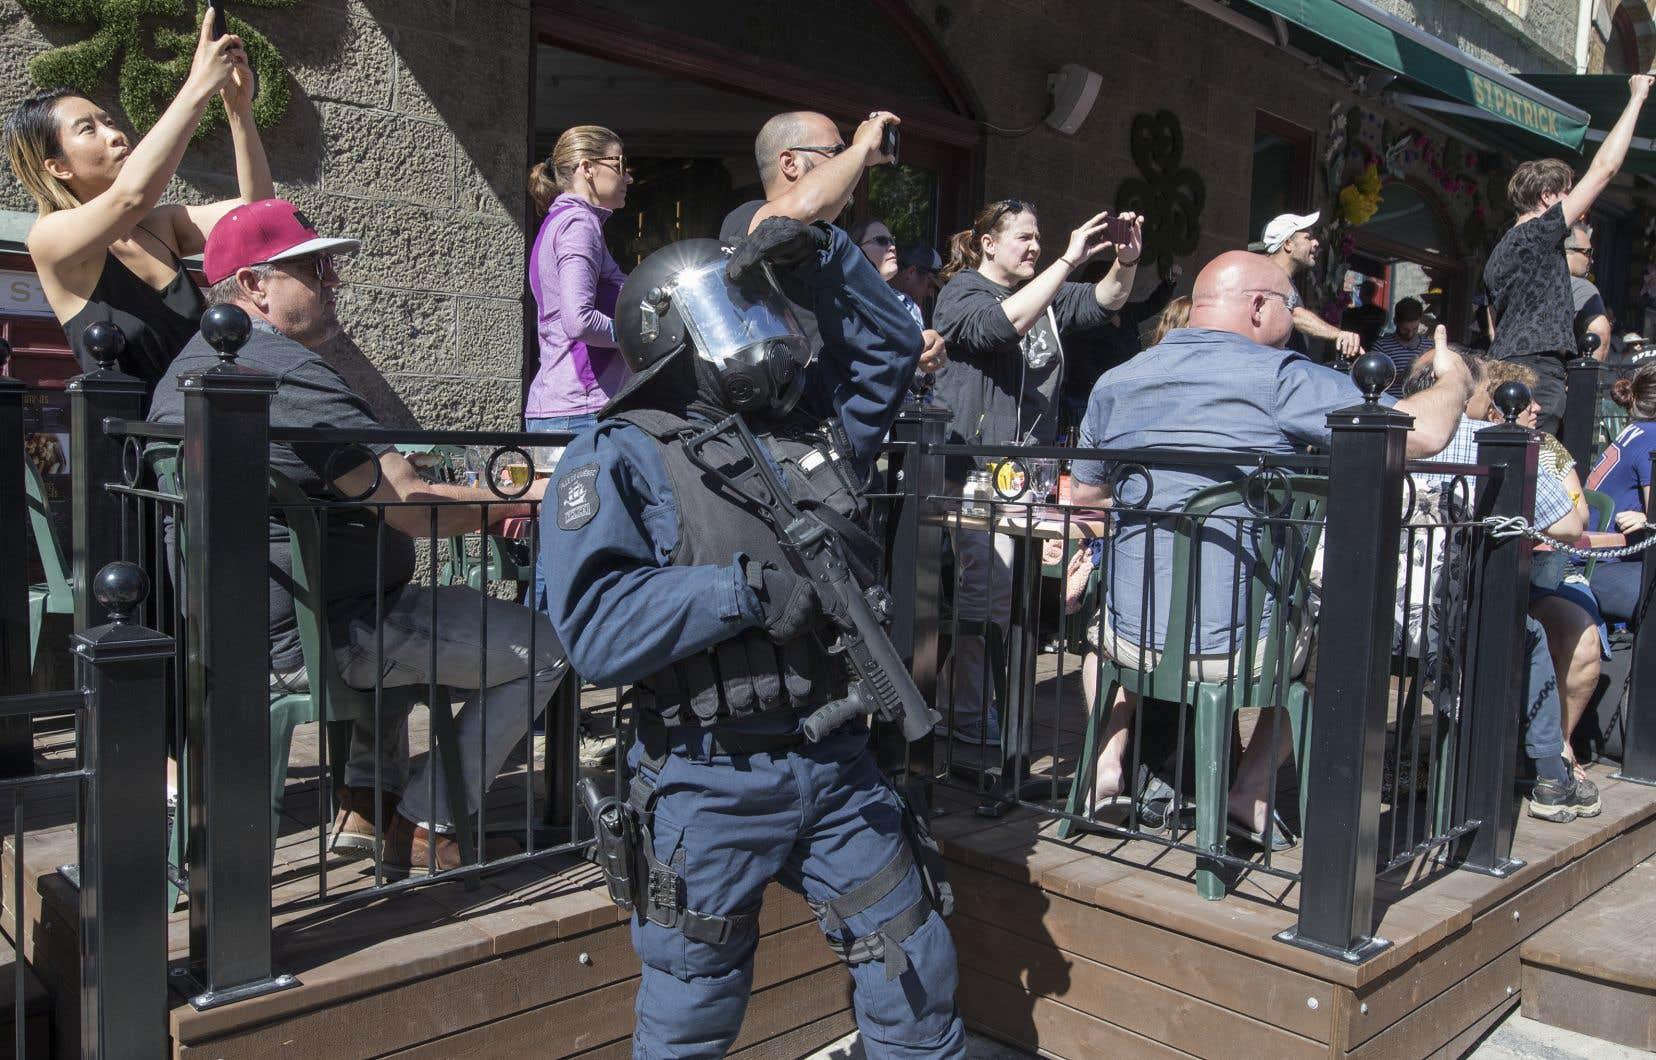 Dans les rues de la Ville de Québec, les policiers — et parfois même les journalistes et les touristes — étaient au cours des derniers jours plus nombreux que les militants opposés au G7.